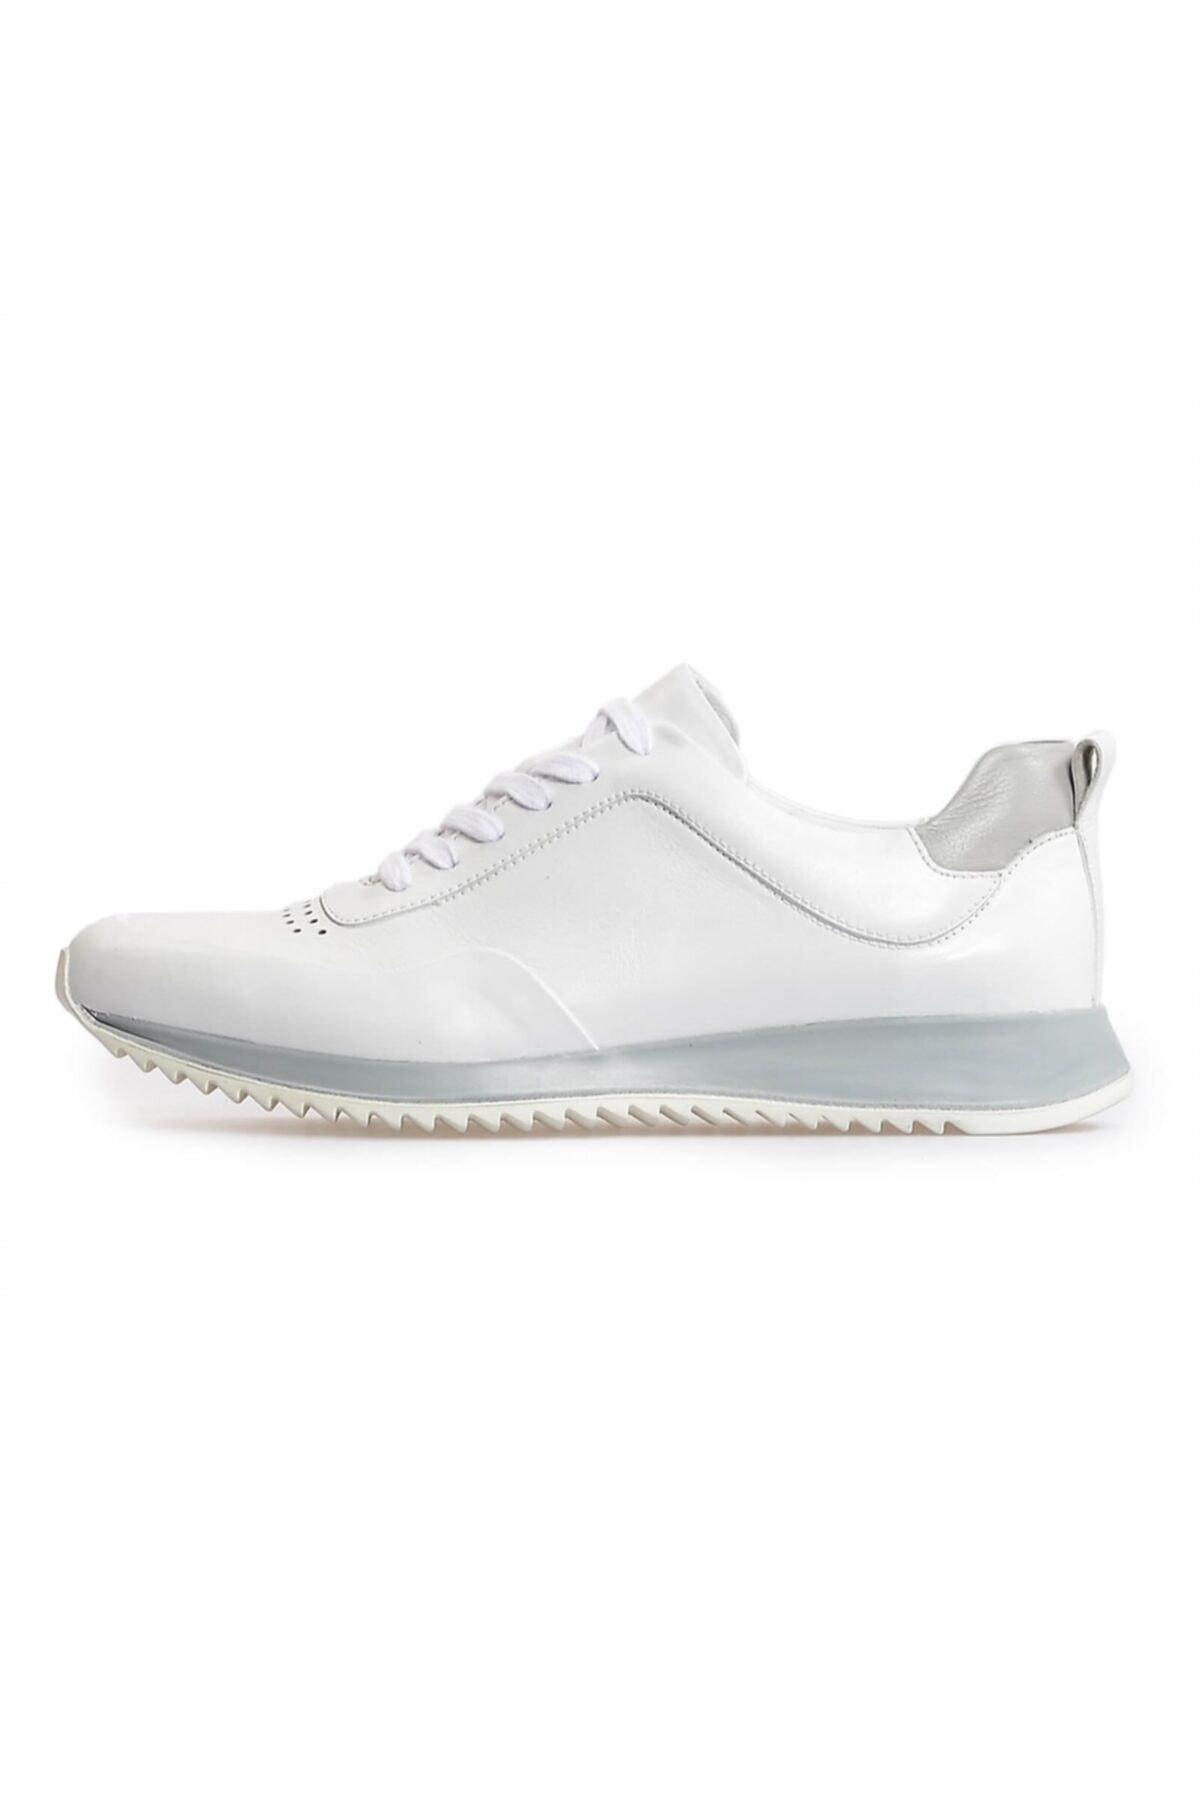 Flower Beyaz Deri Bağcıklı Sneakers 1